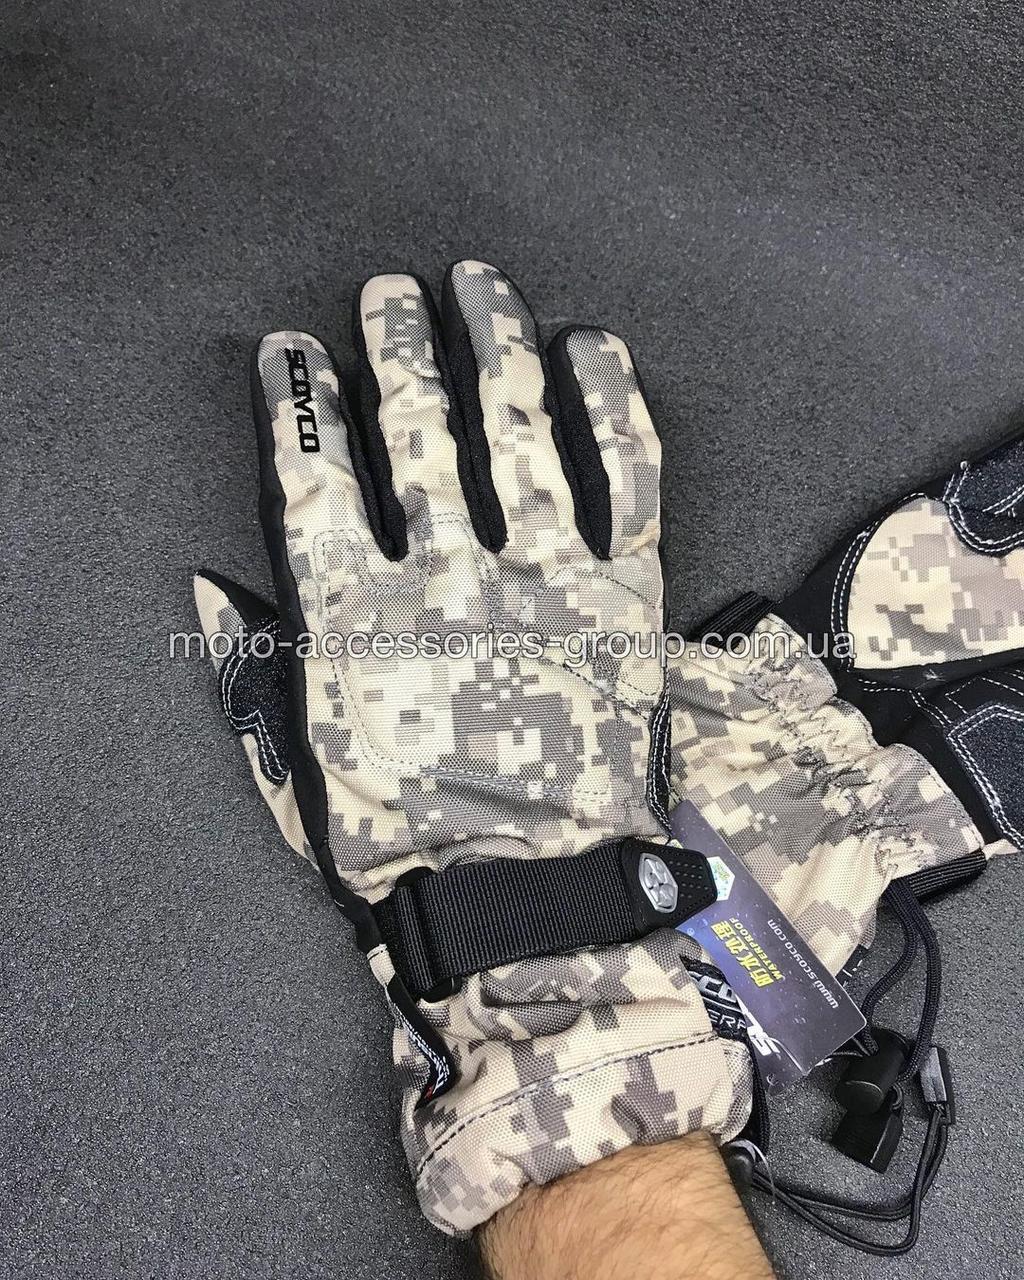 Мото перчатки SCOYCO камуфляж теплые, осень-зима